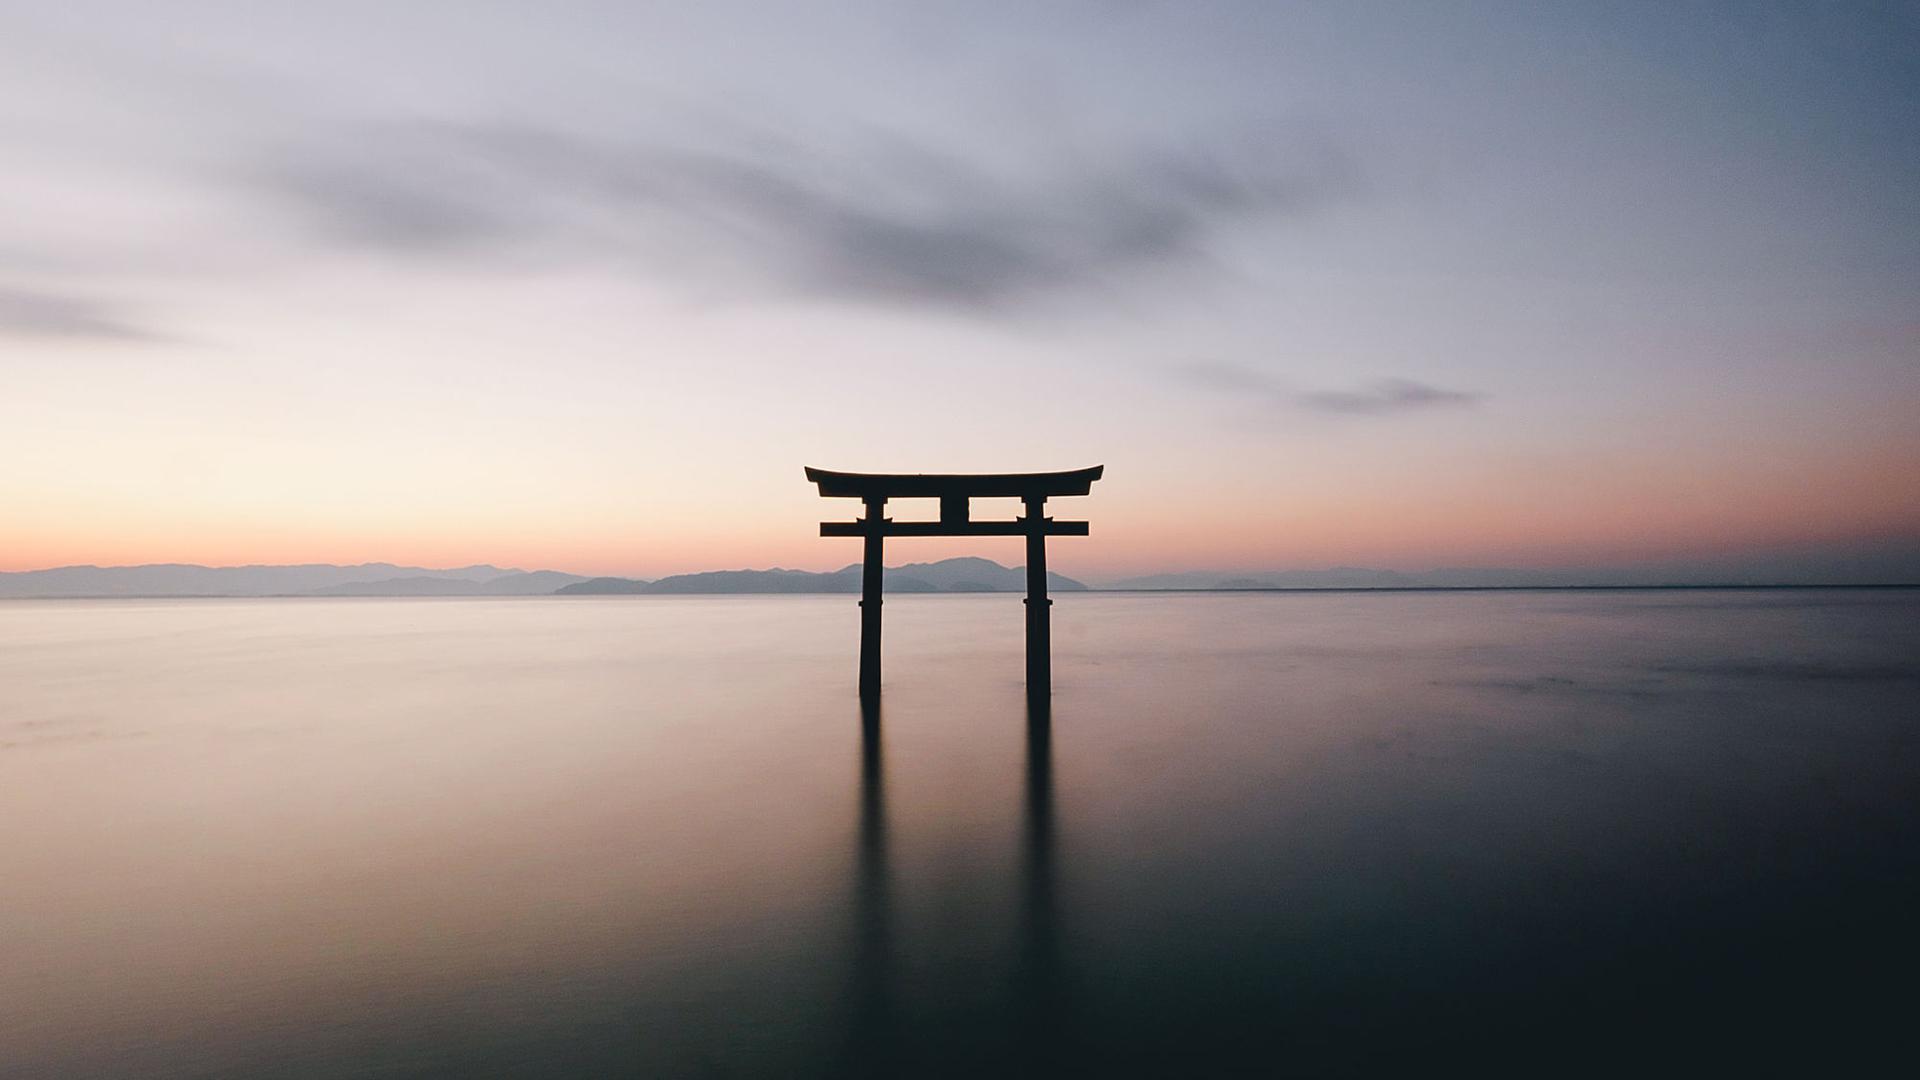 极简主义风景摄影高清宽屏桌面壁纸